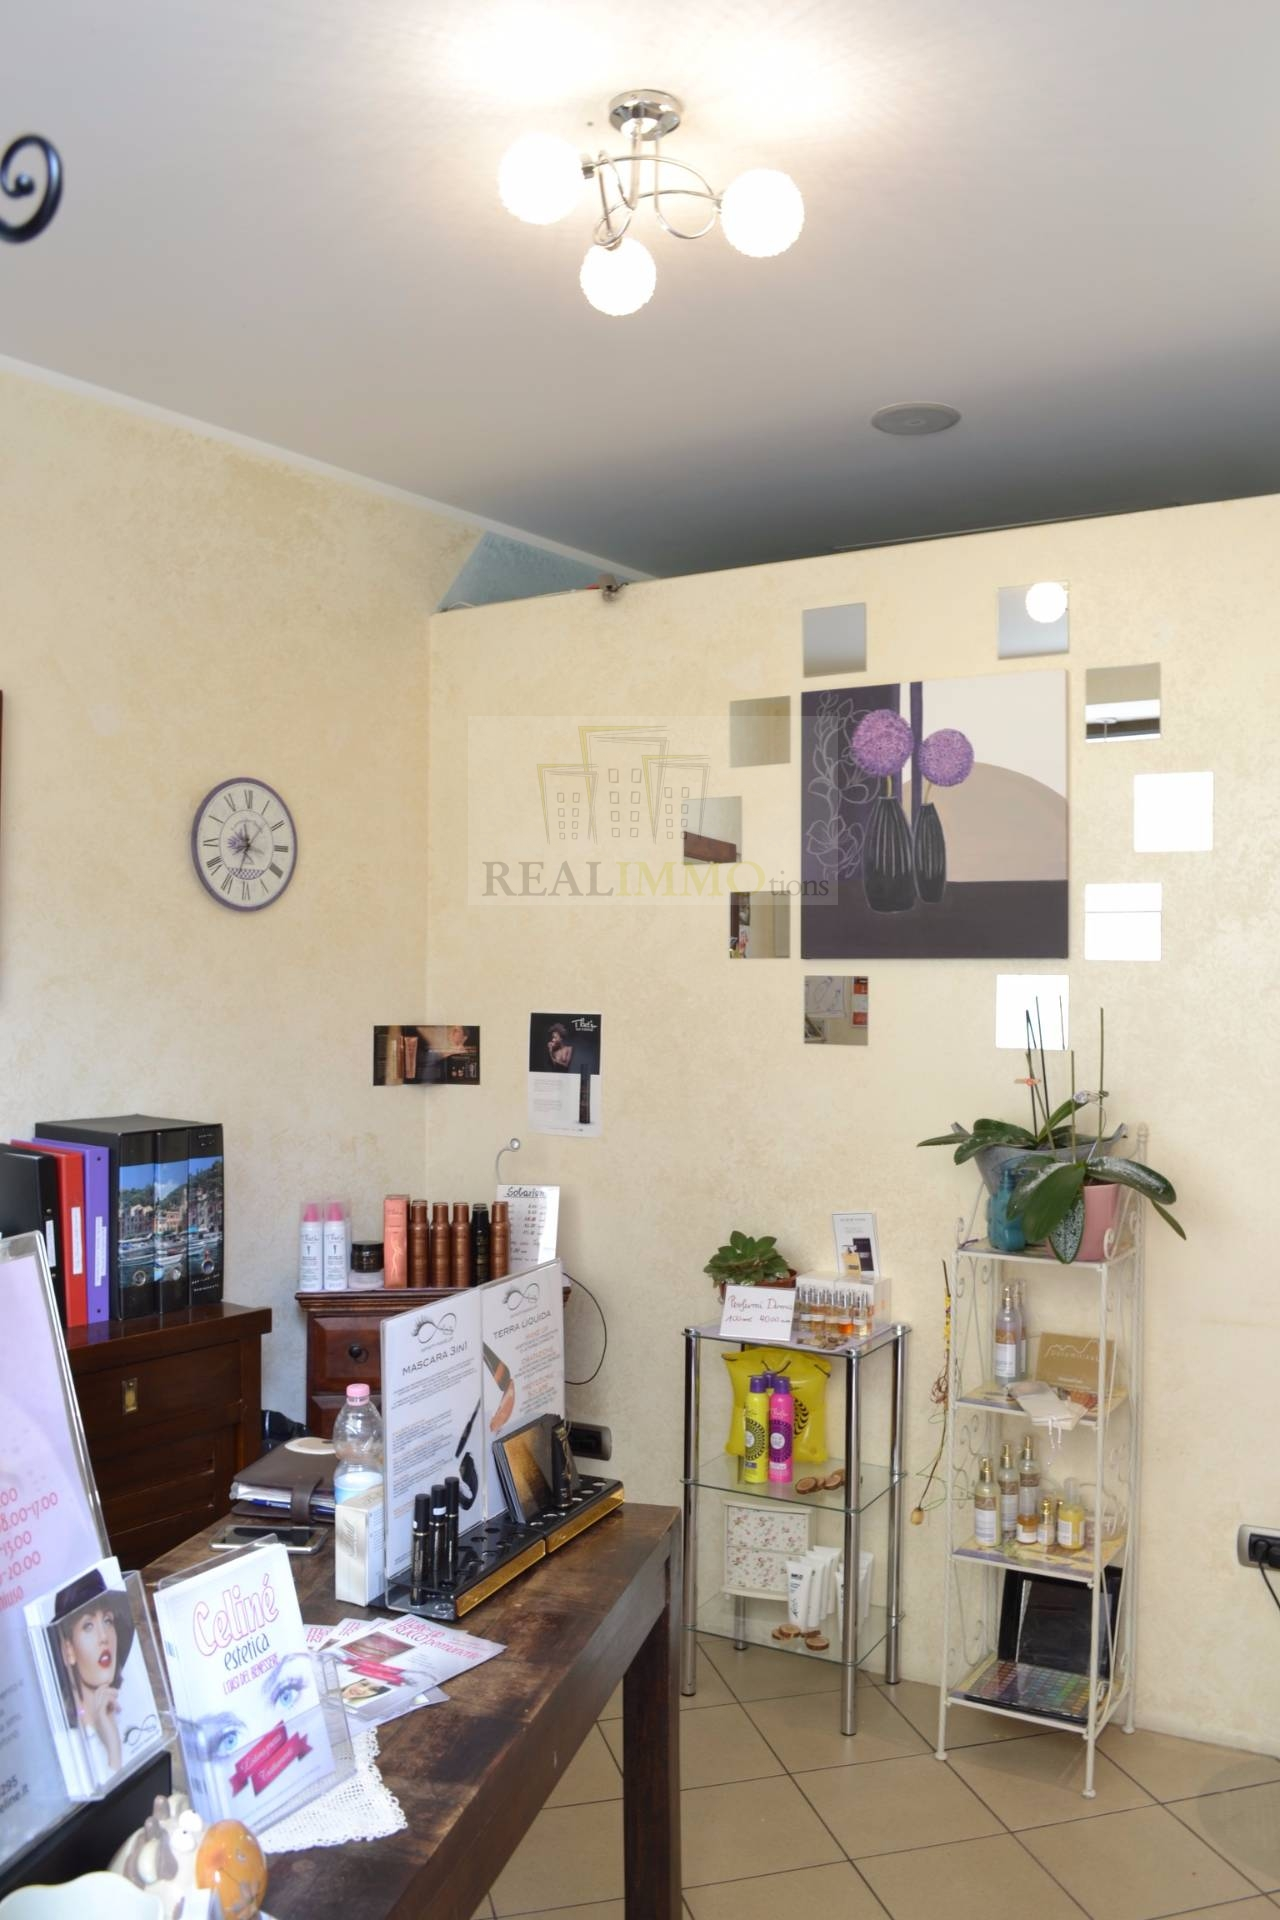 Negozio / Locale in vendita a Bolzano, 9999 locali, zona Zona: Centro, prezzo € 169.000 | CambioCasa.it